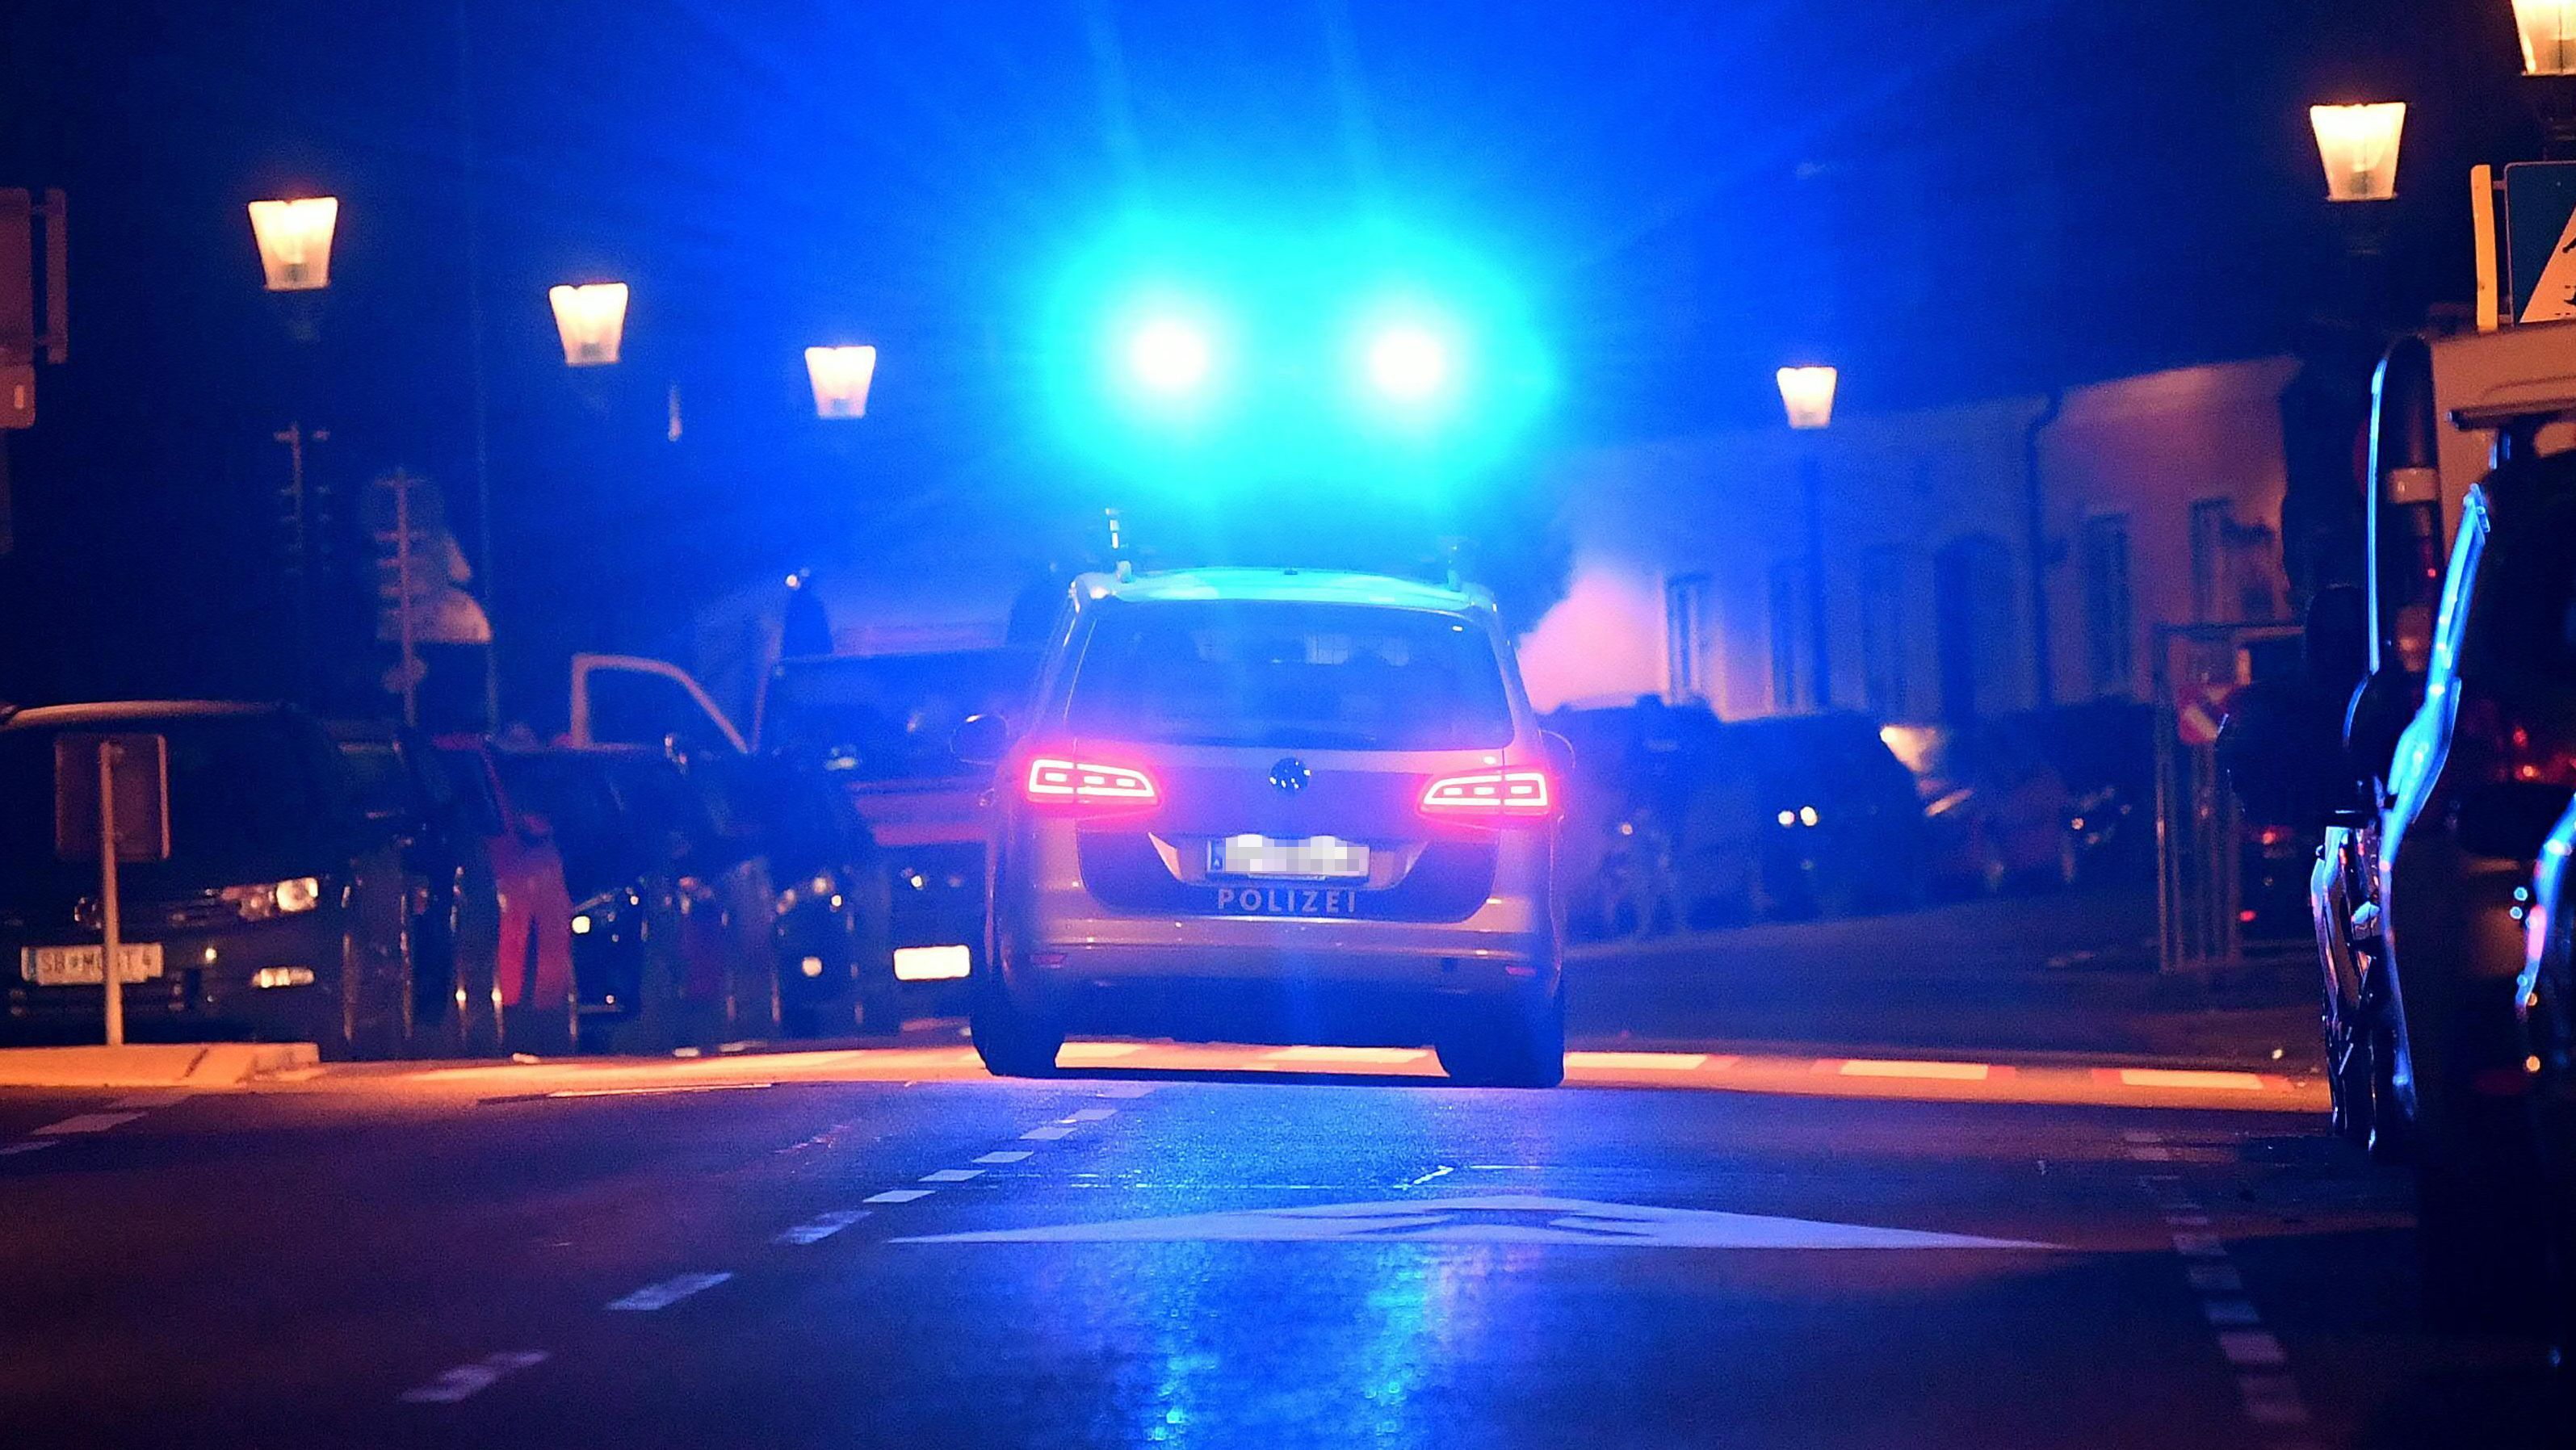 Ein Polizeiauto fährt nachts mit Blaulicht eine Straße entlang.